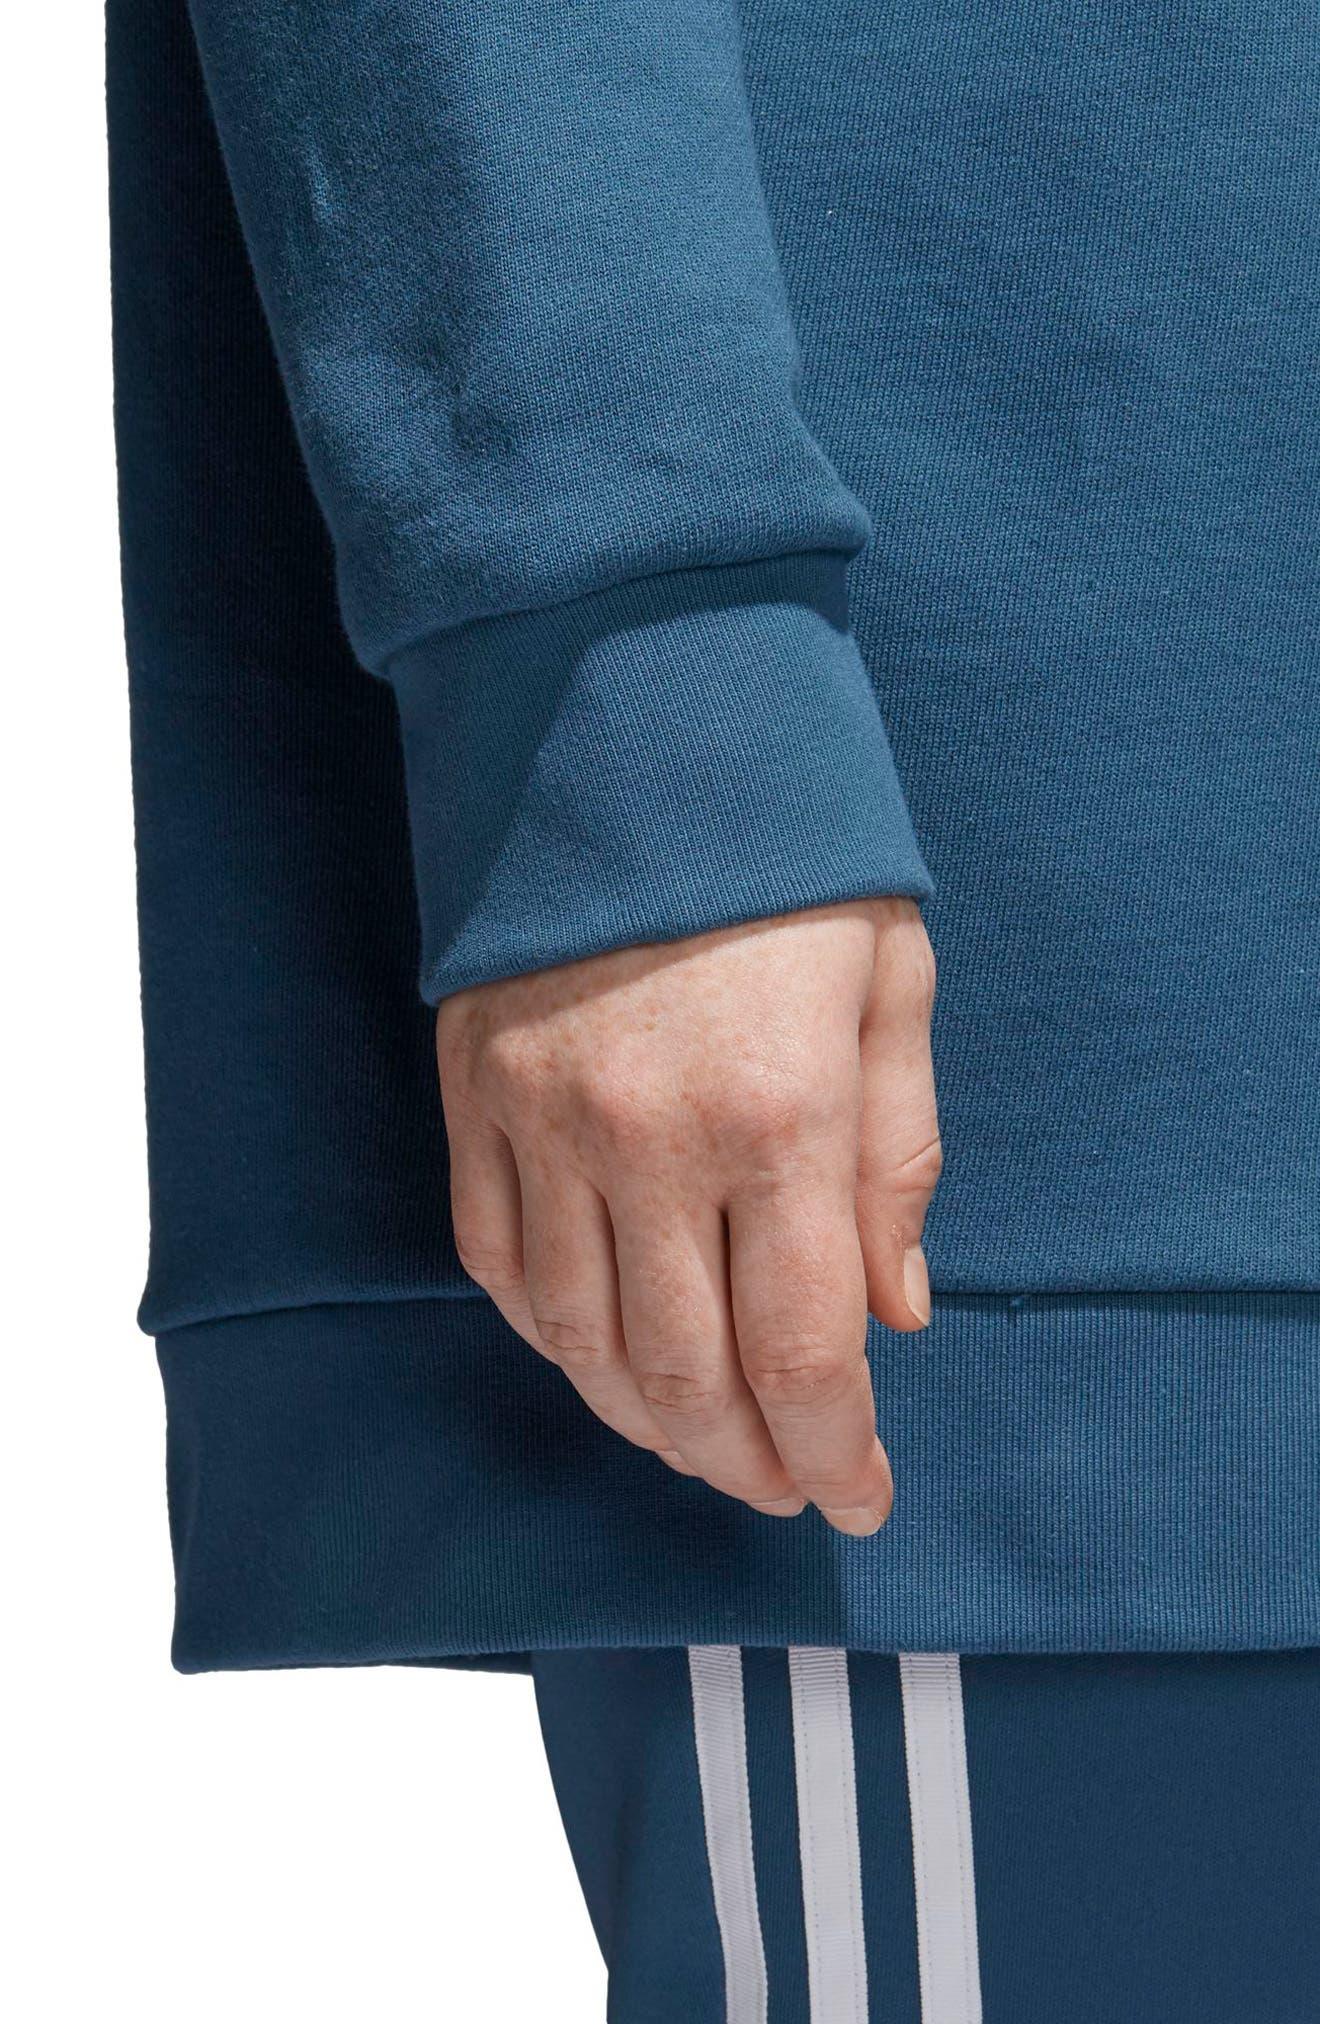 Originals Oversize Sweatshirt,                             Alternate thumbnail 6, color,                             Dark Steel